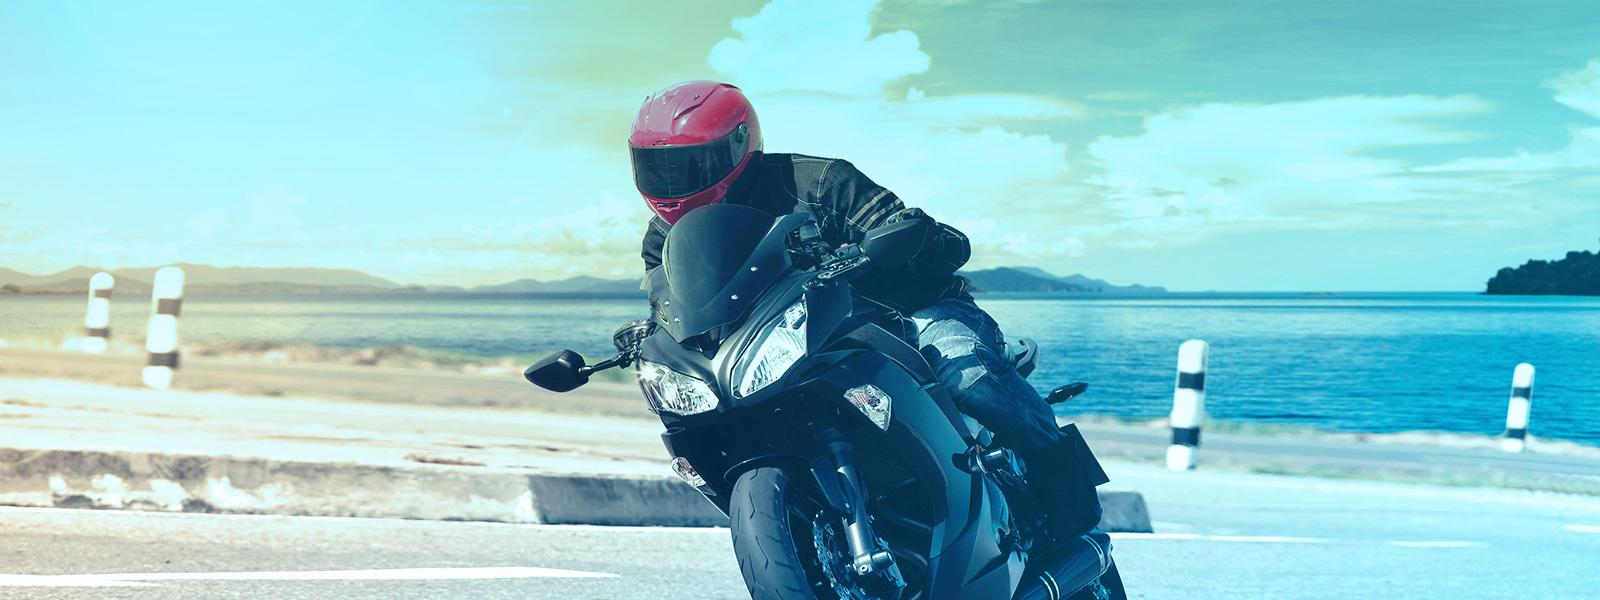 Conheça os equipamentos de segurança para motociclistas